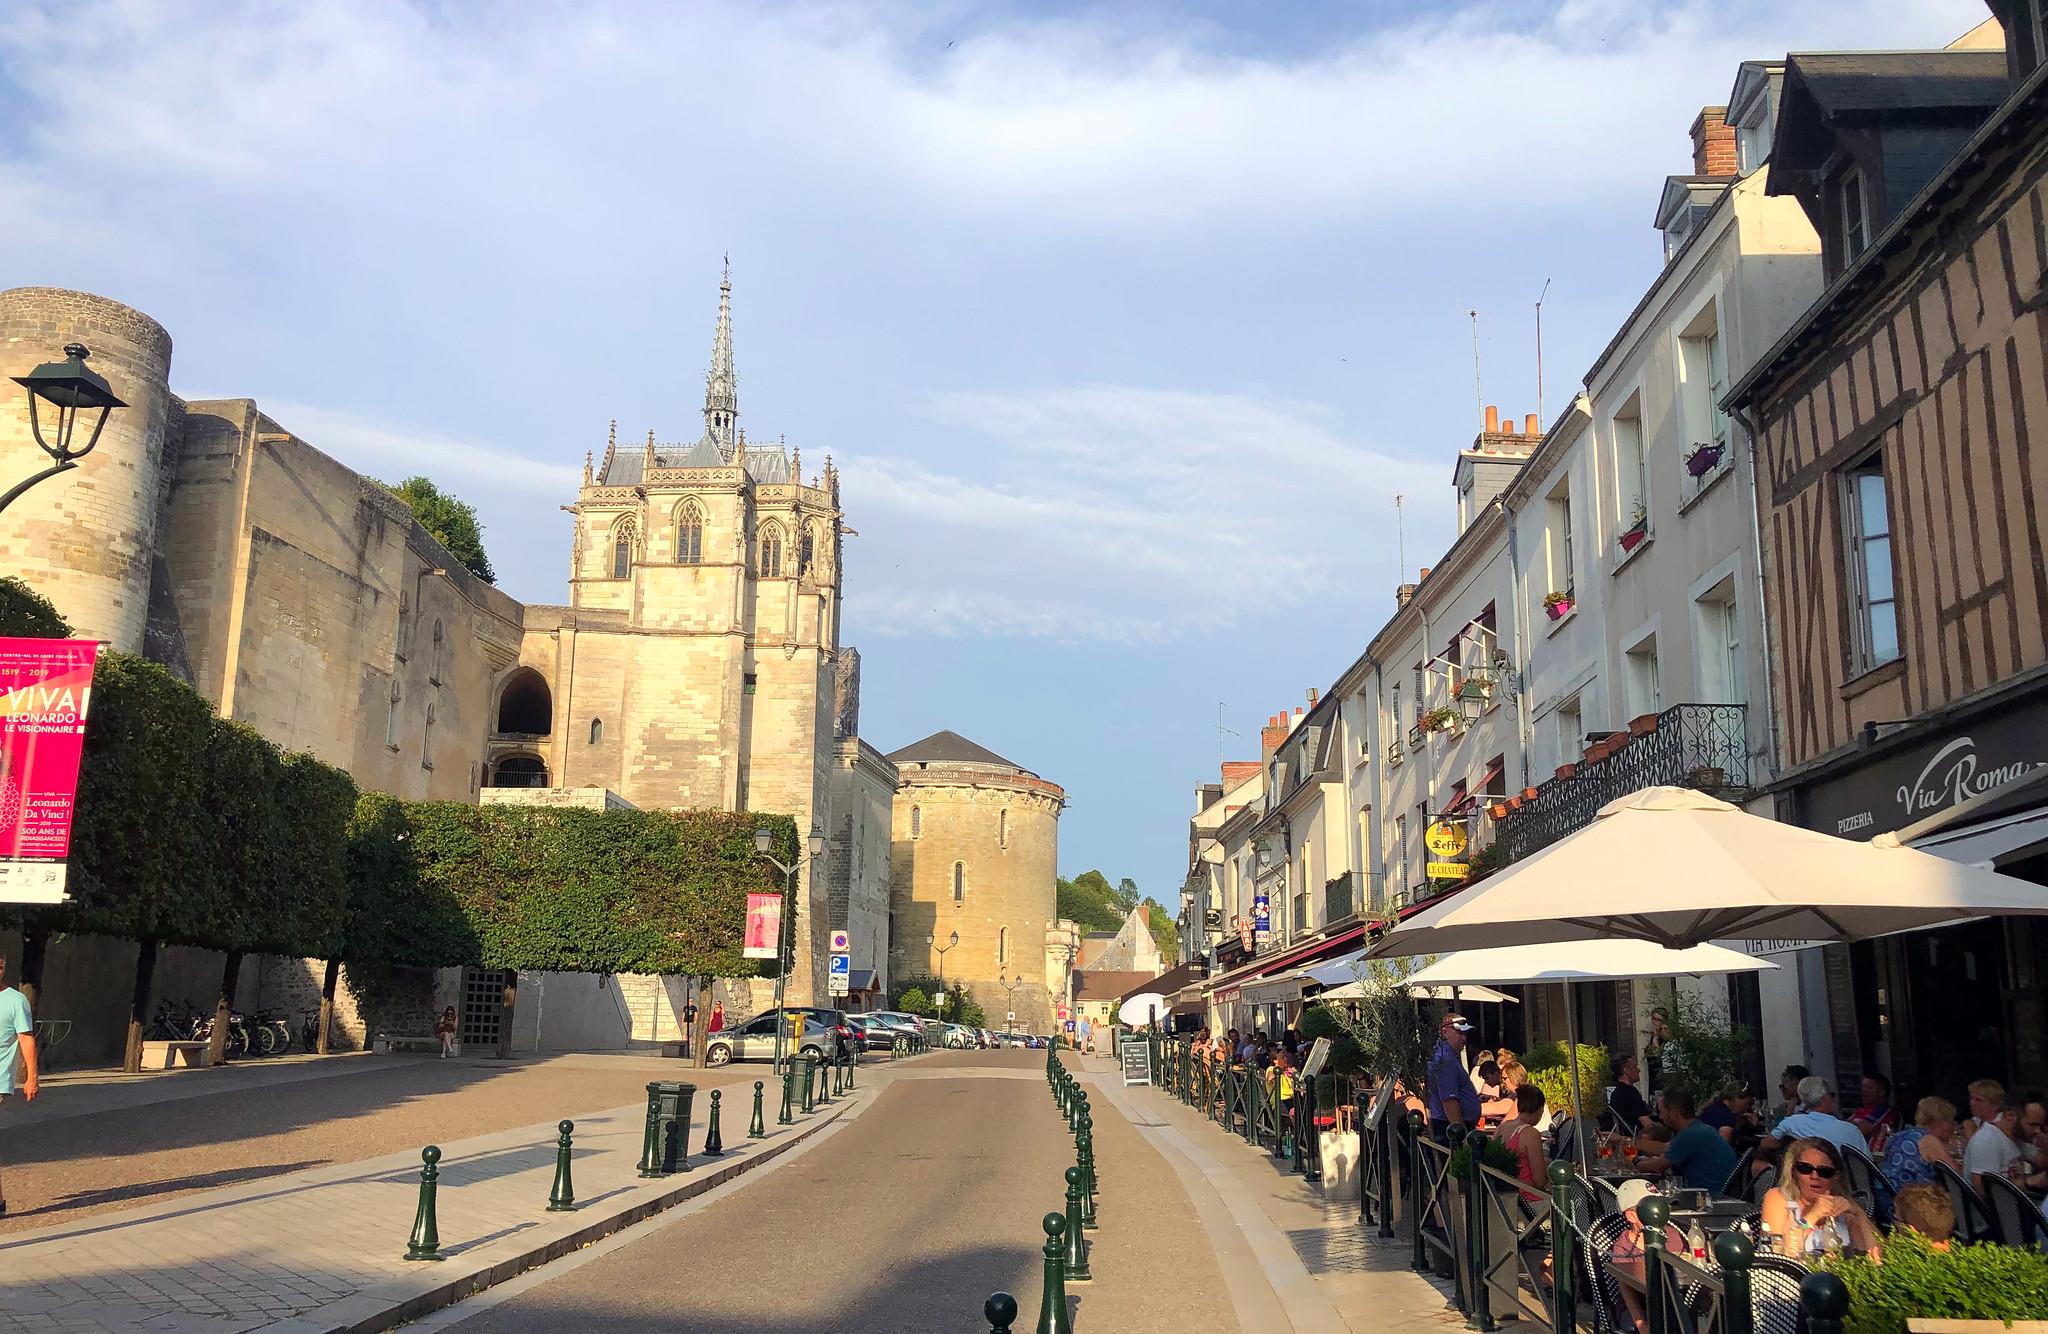 Valle del Loira en 2 días, Francia - Amboise, Tours, Chenonceau valle del loira en 2 días - 48643934412 292abcb5c9 k - Valle del Loira en 2 días